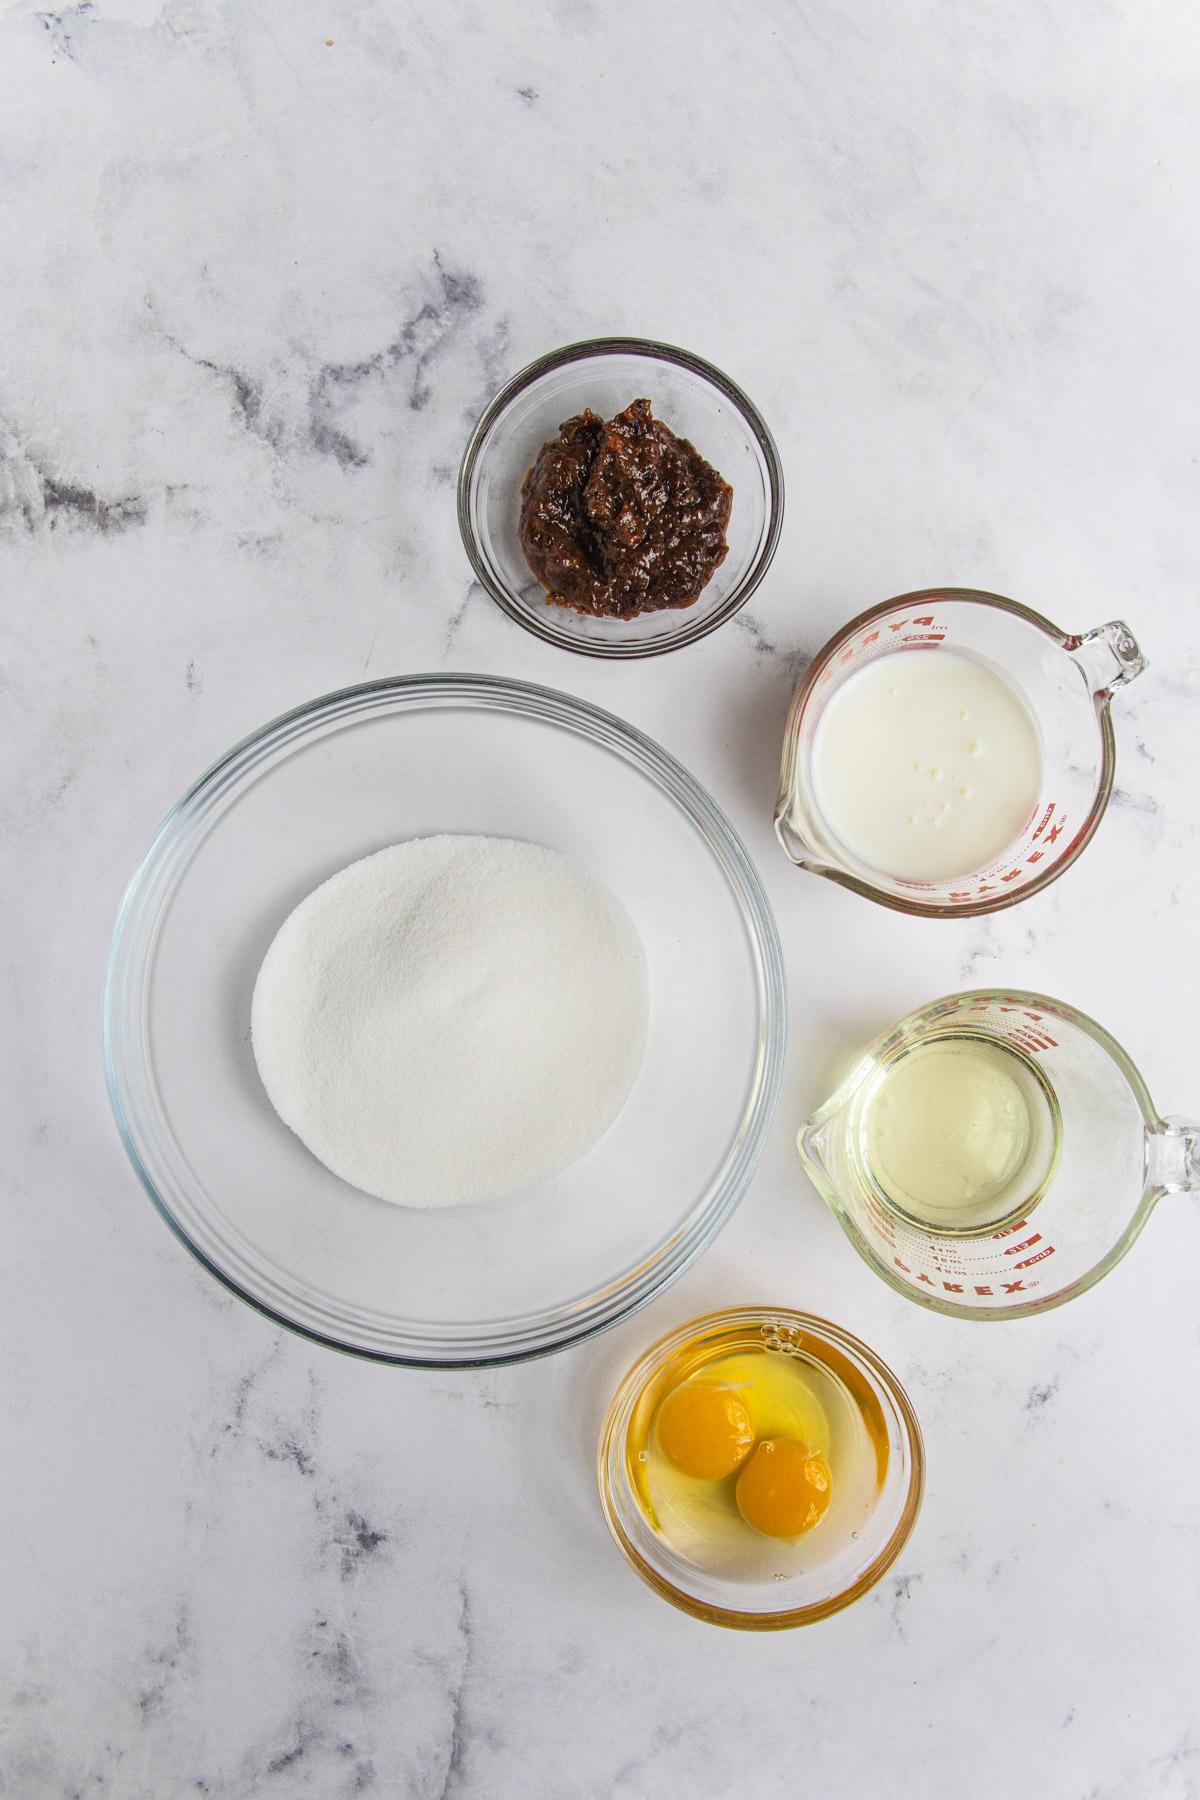 Raspberry Prune Bread wet ingredients - prune puree, buttermilk, vegetable oil. eggs and sugar